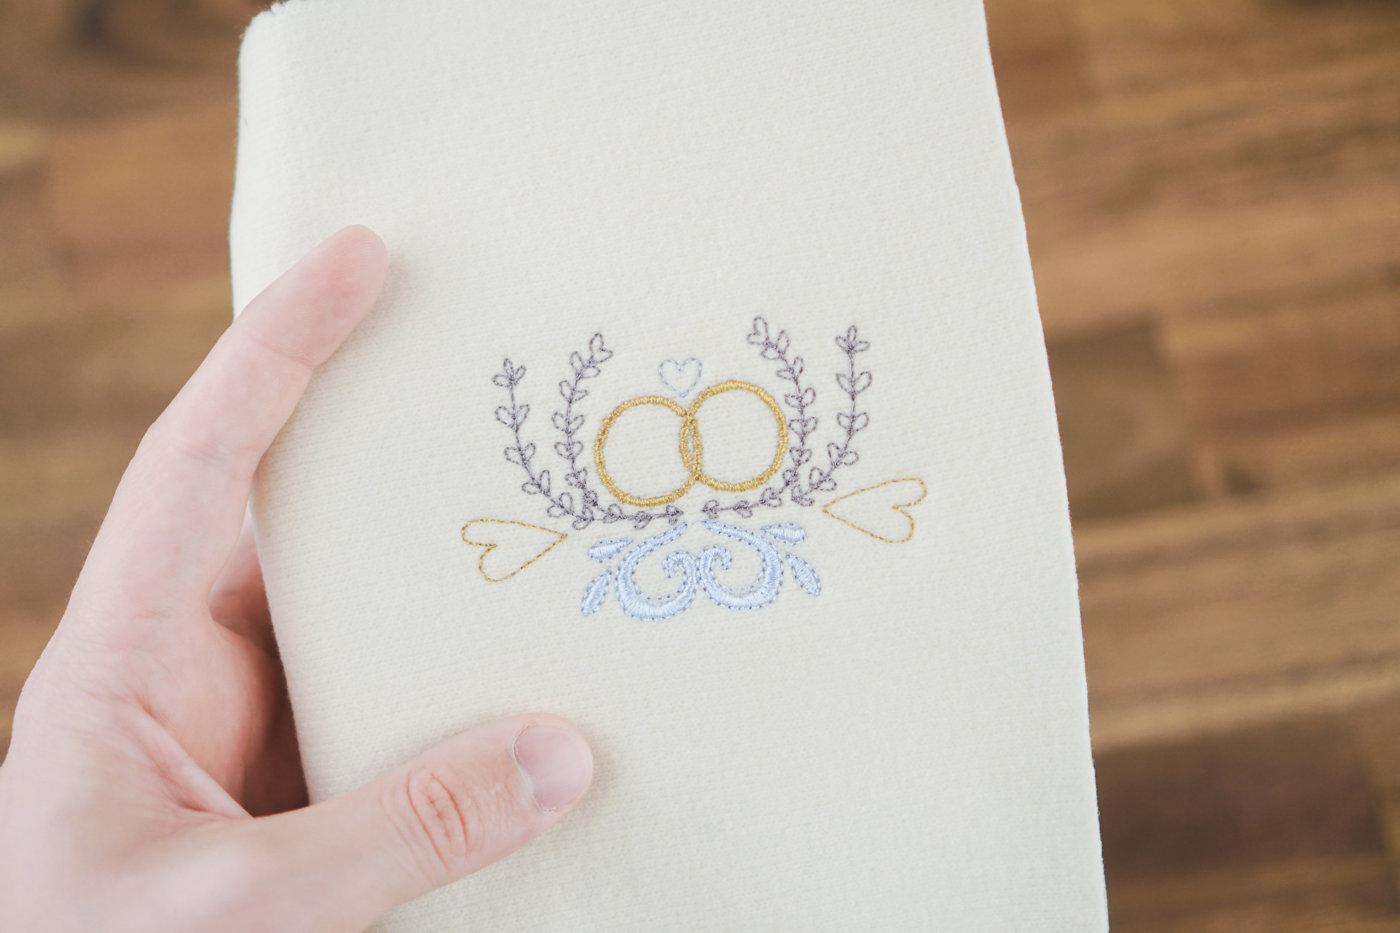 Stickdatei Hochzeitsringe embroidery design wedding ring 💍 Wedding ring stickdatei hochzeit hochzeitsringe 01 1400x933